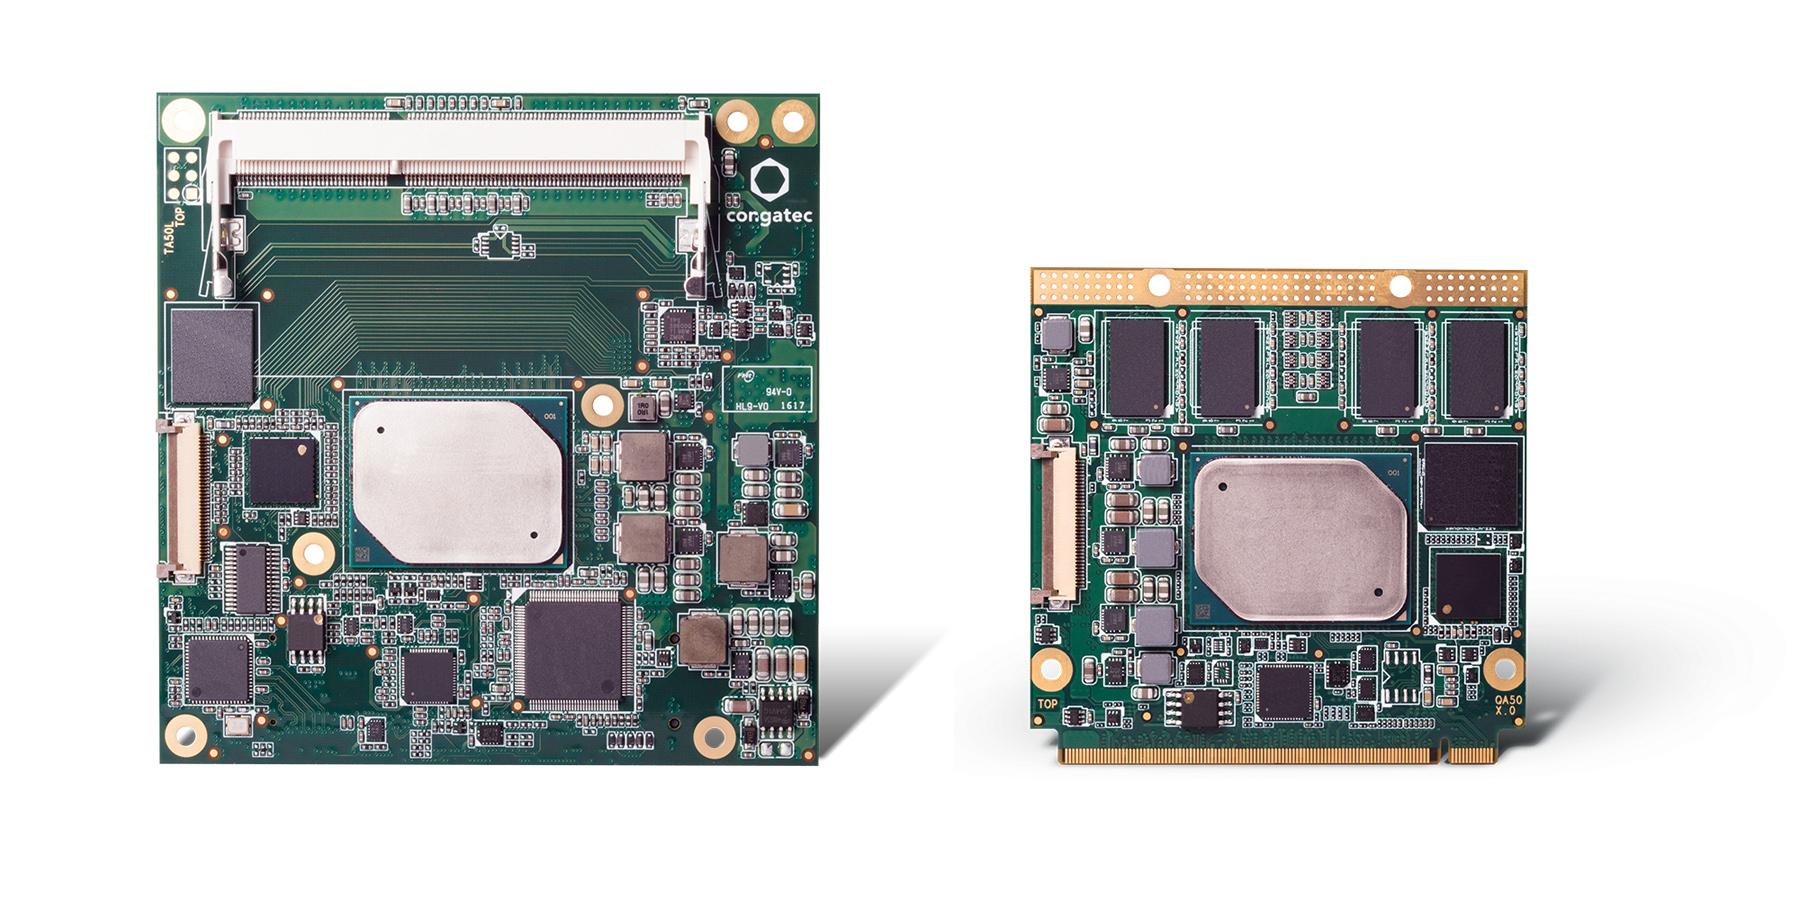 congatec présente de nouveaux modules Qseven et  COM Express Compact basés sur les nouveaux processeurs  faible-consommation d'Intel (nom de code Apollo Lake)